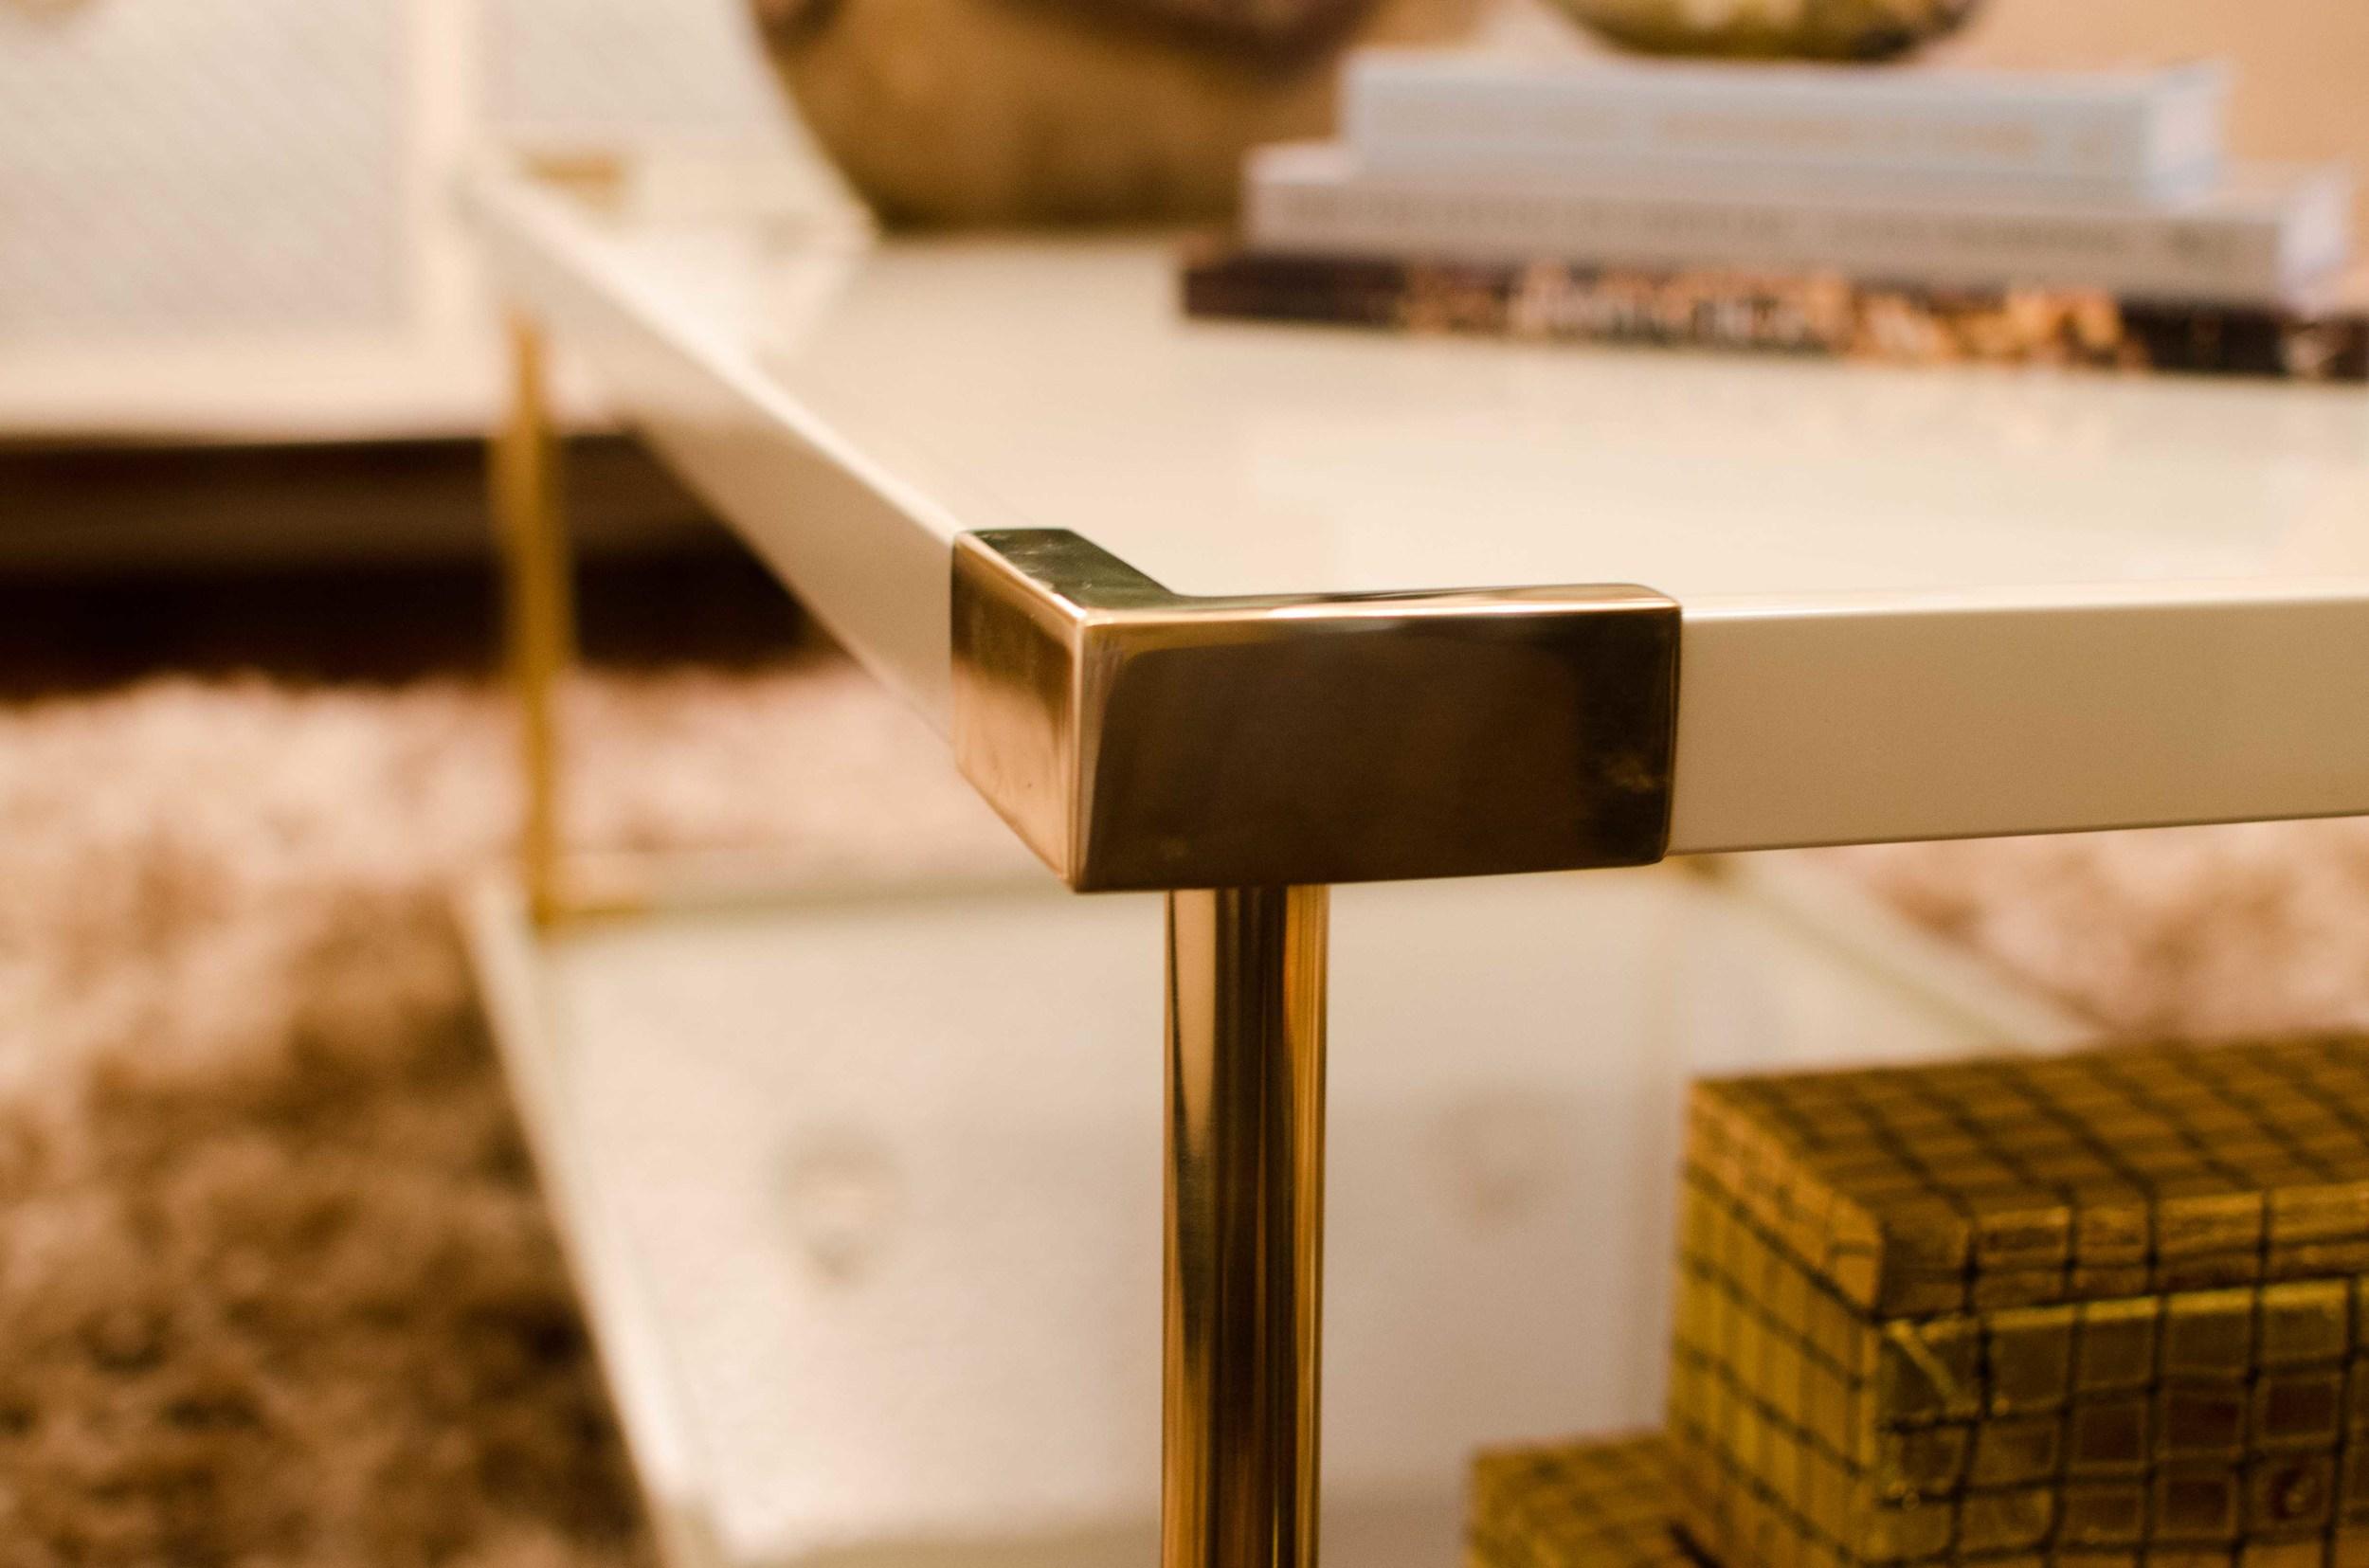 Brass details on modern furniture